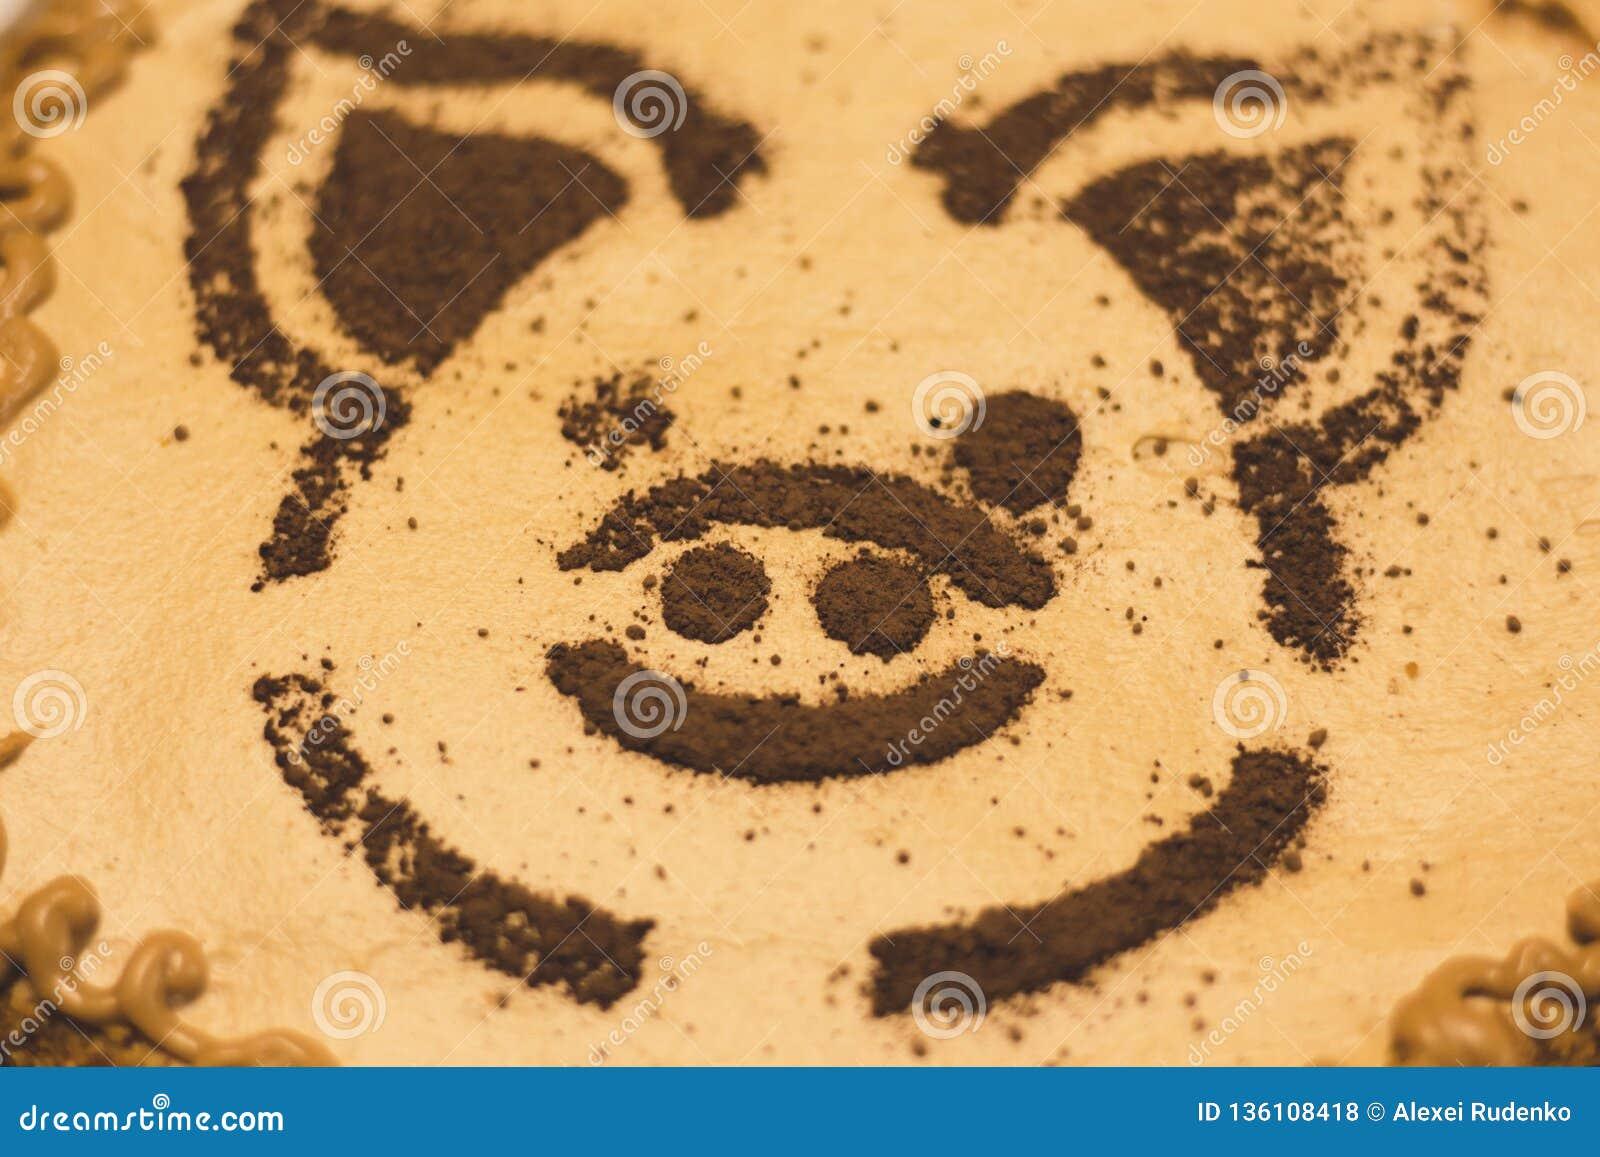 Das Muster auf dem Kuchen in Form einer Schweinmündung